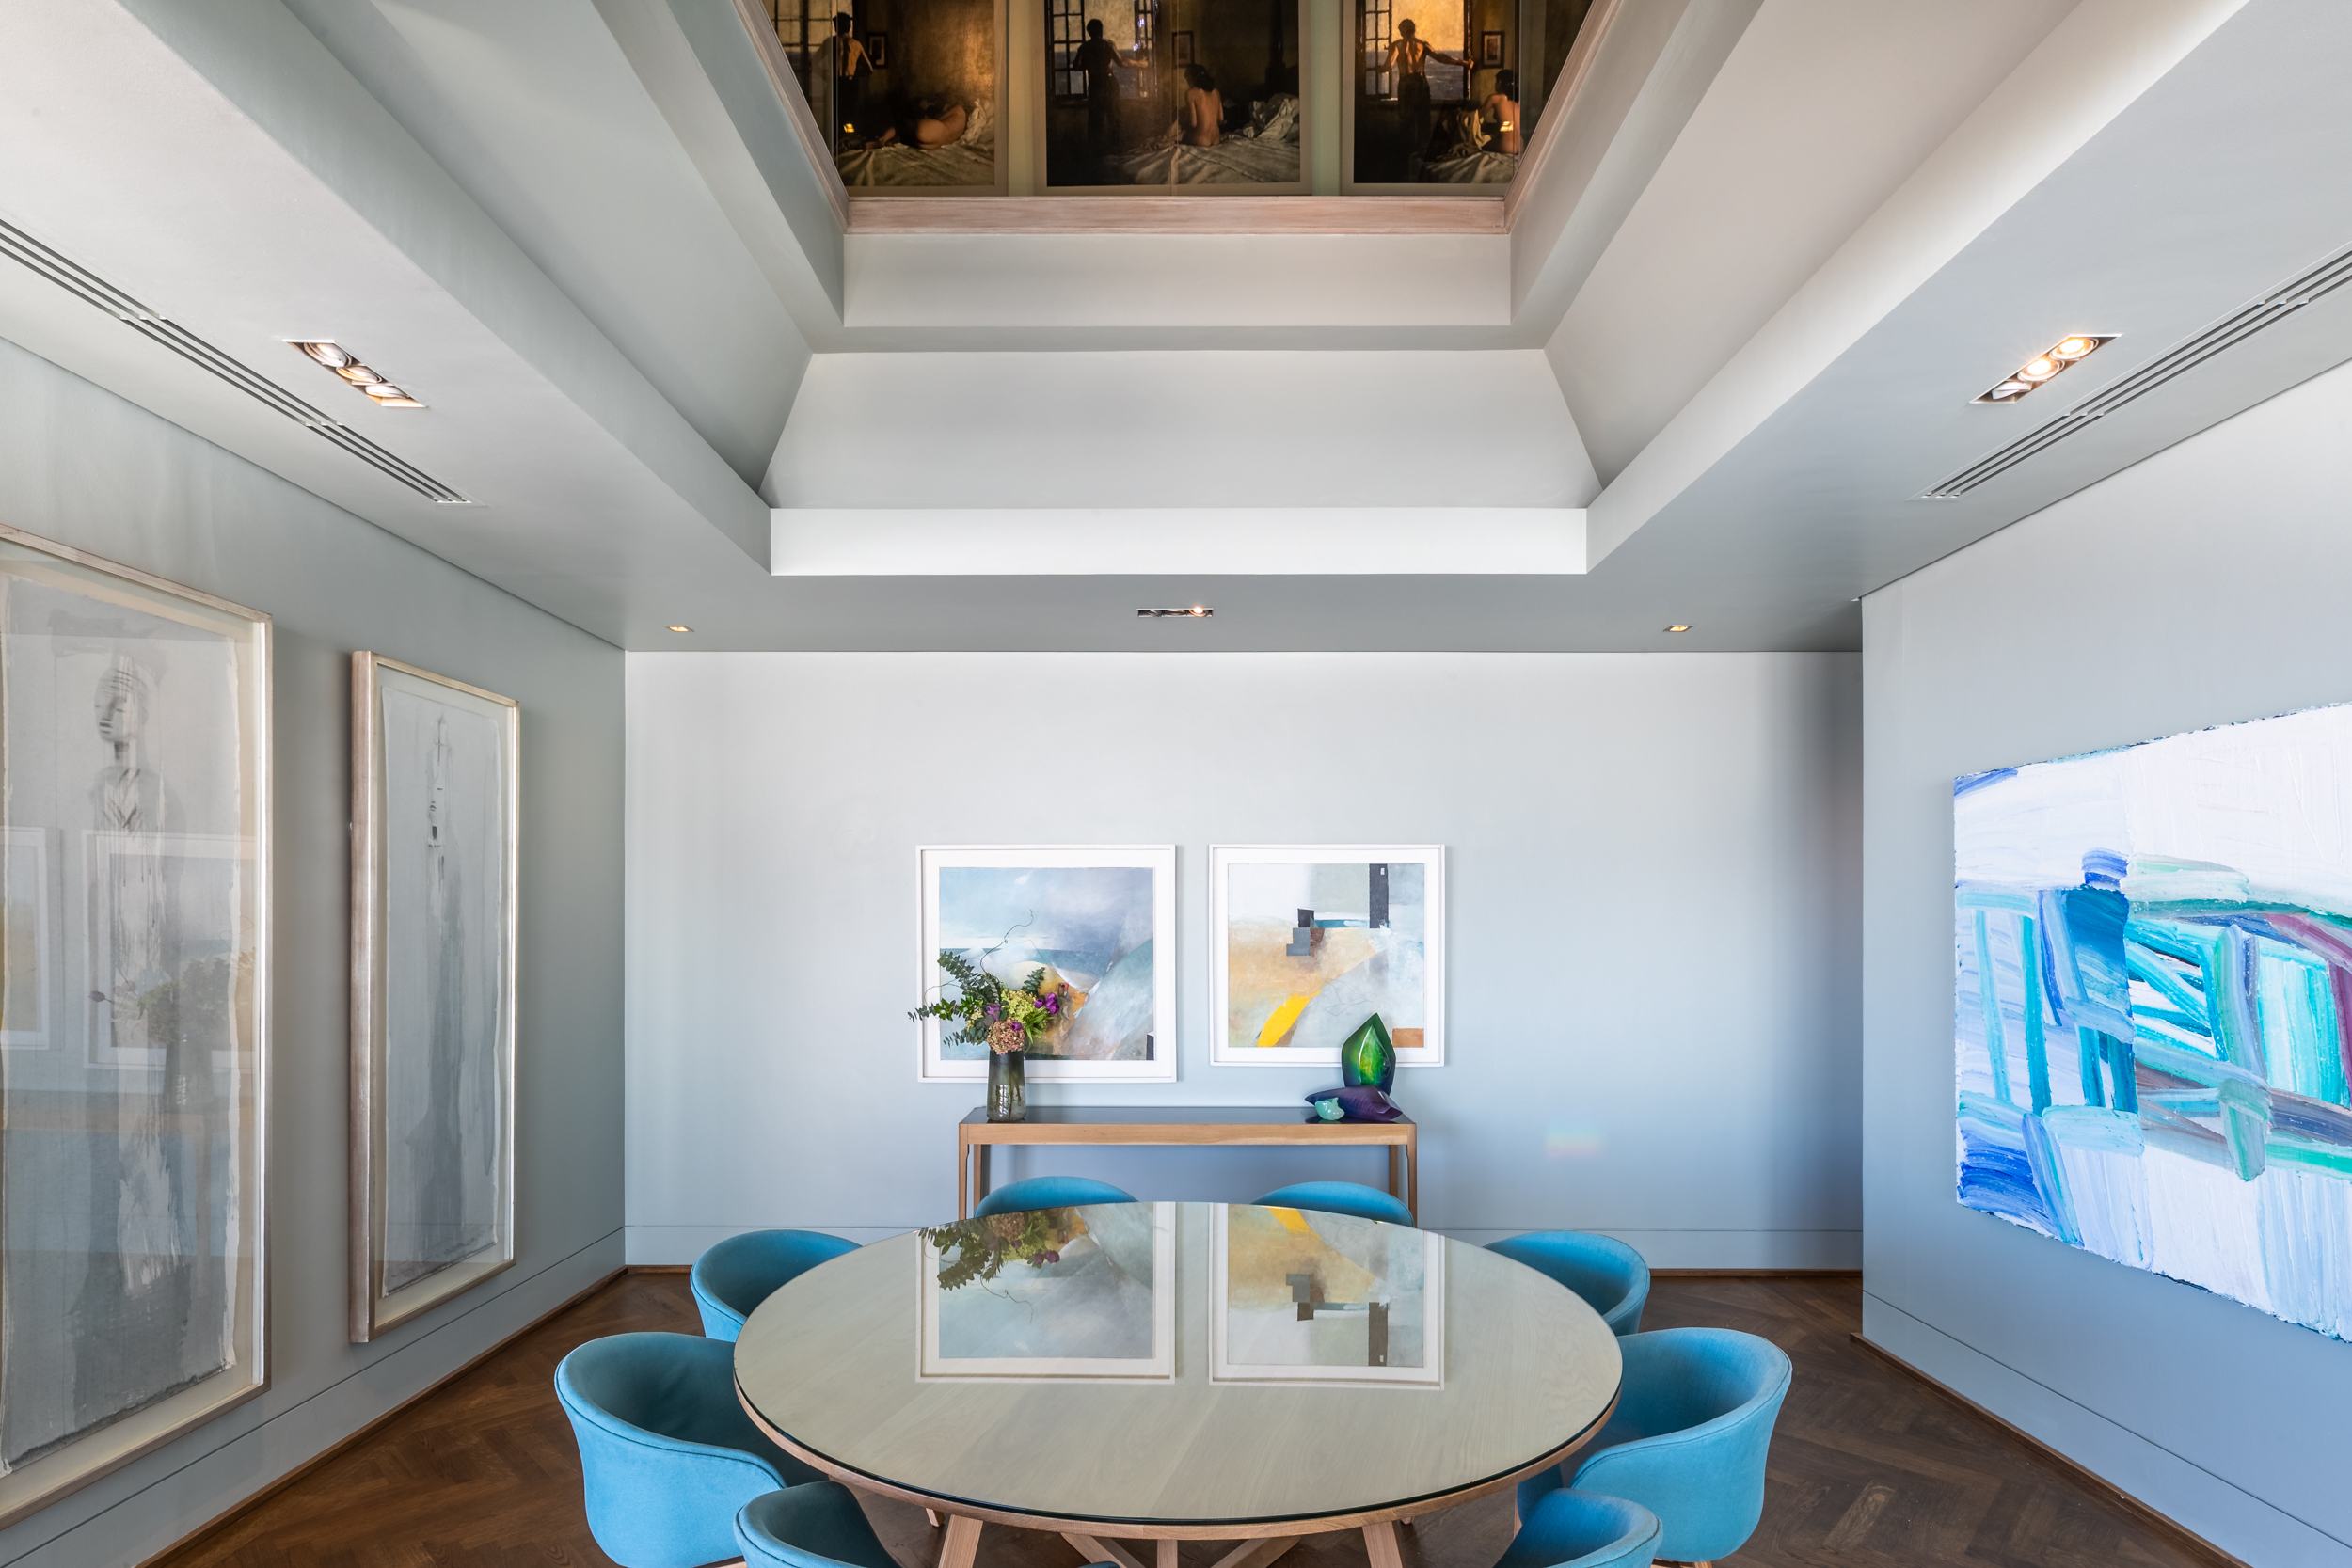 EH - Villa One - Dining Room - 2500px.jpg